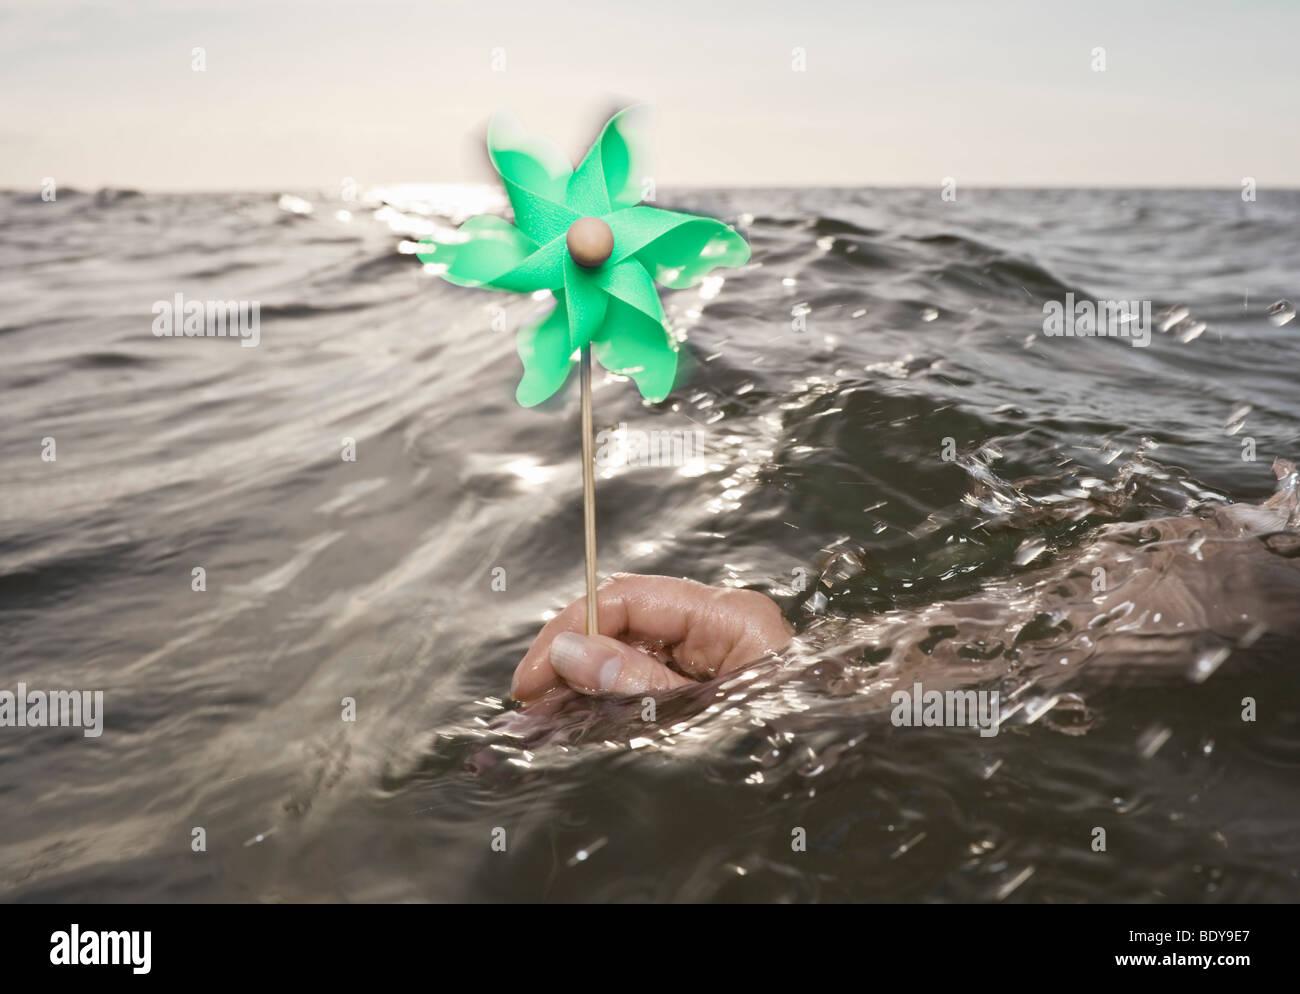 Brazo sujetando el molino de viento hacia el mar Imagen De Stock